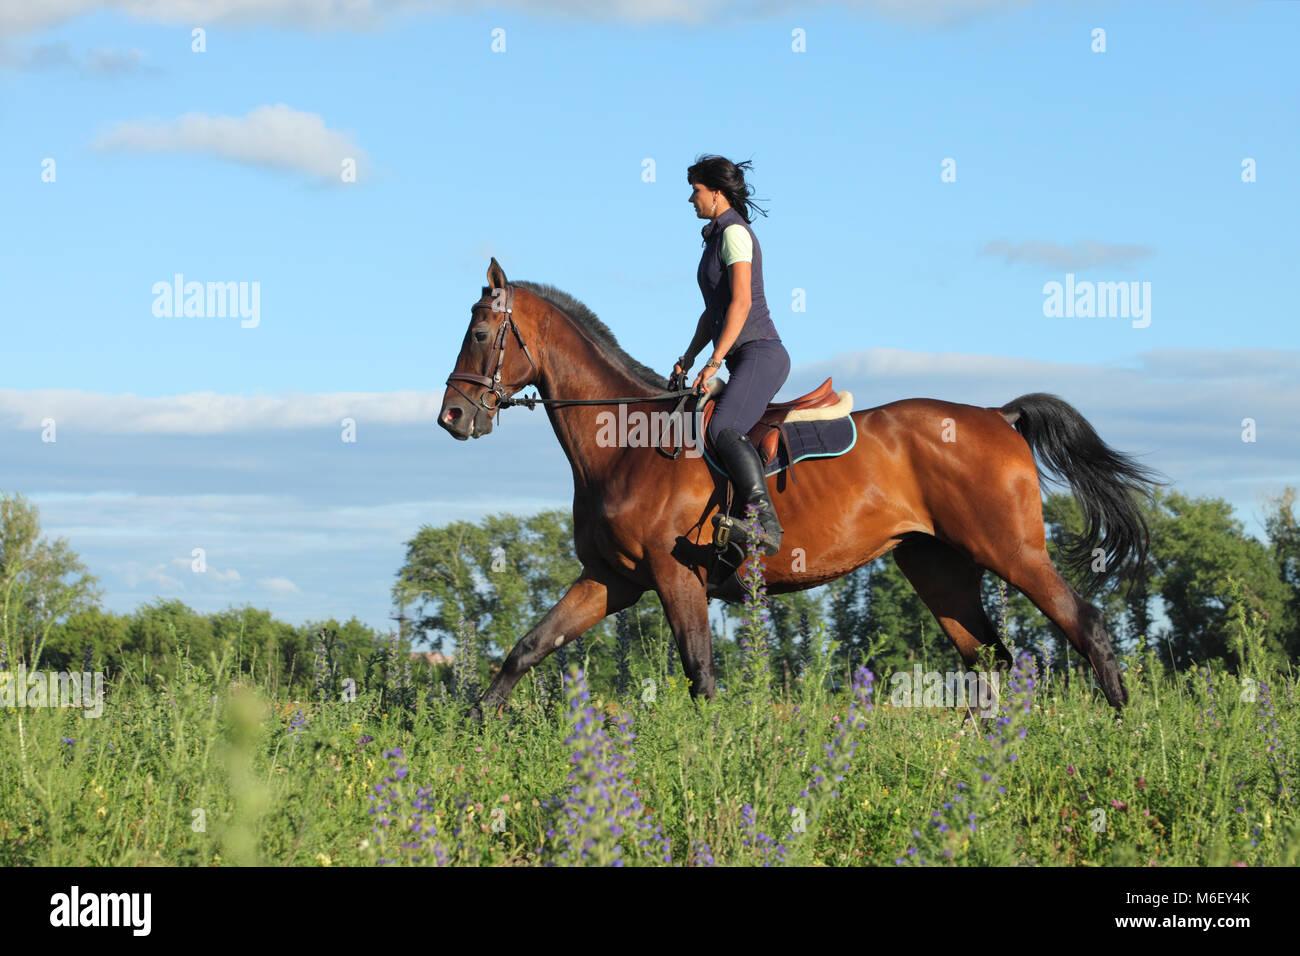 Galoppierenden Pferd mit weiblichen Rider Stockbild